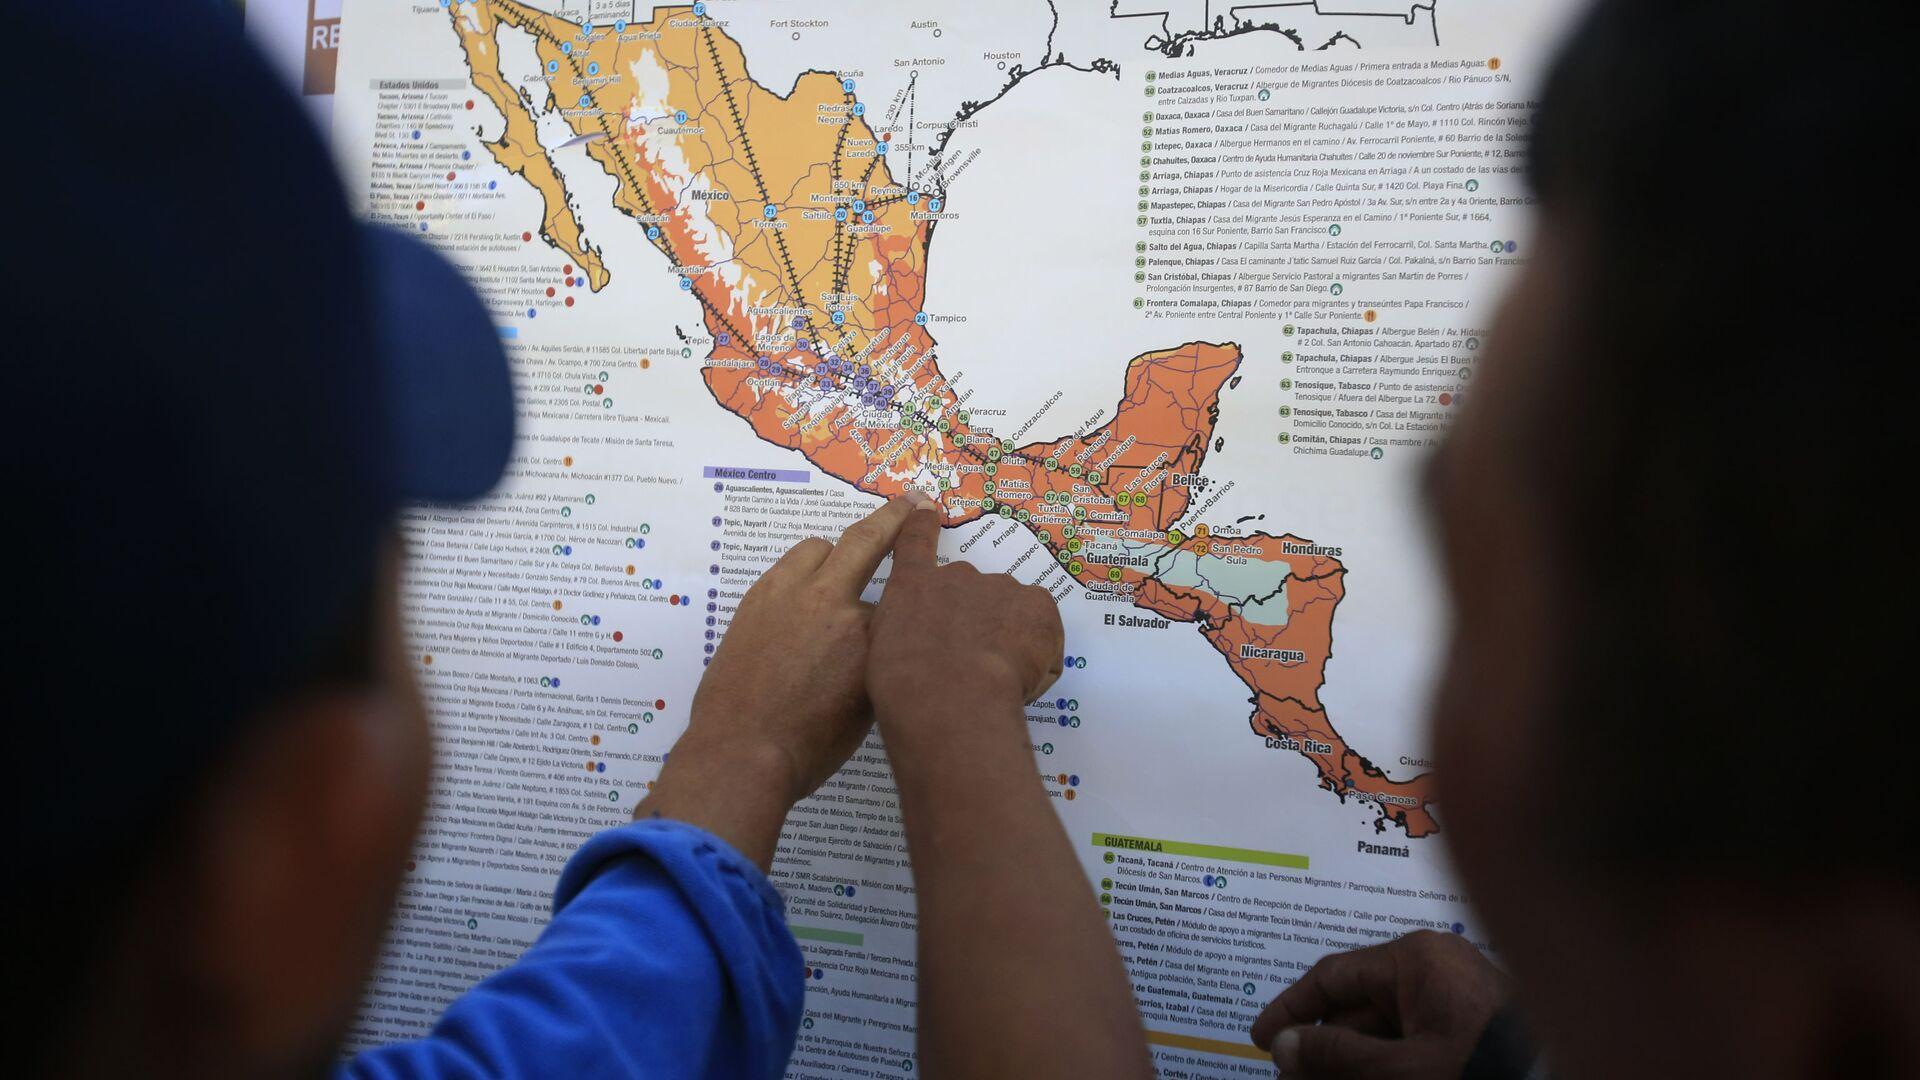 Migrantes centroamericanos planean su recorrido con un mapa en Ciudad de México - Sputnik Mundo, 1920, 03.09.2021